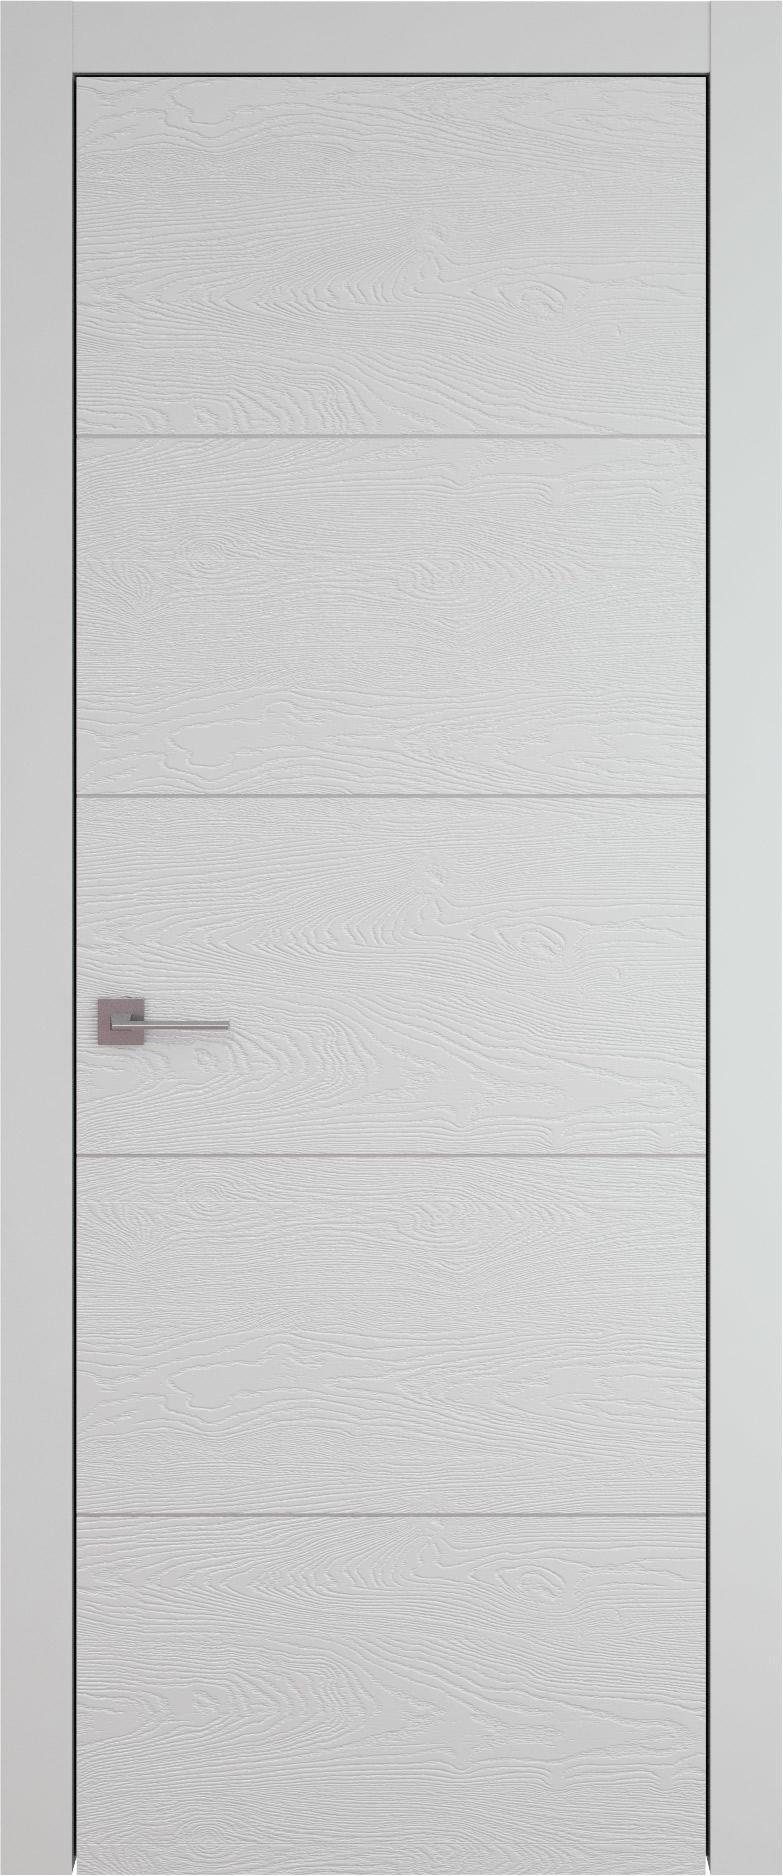 Tivoli Д-3 цвет - Серая эмаль по шпону (RAL 7047) Без стекла (ДГ)